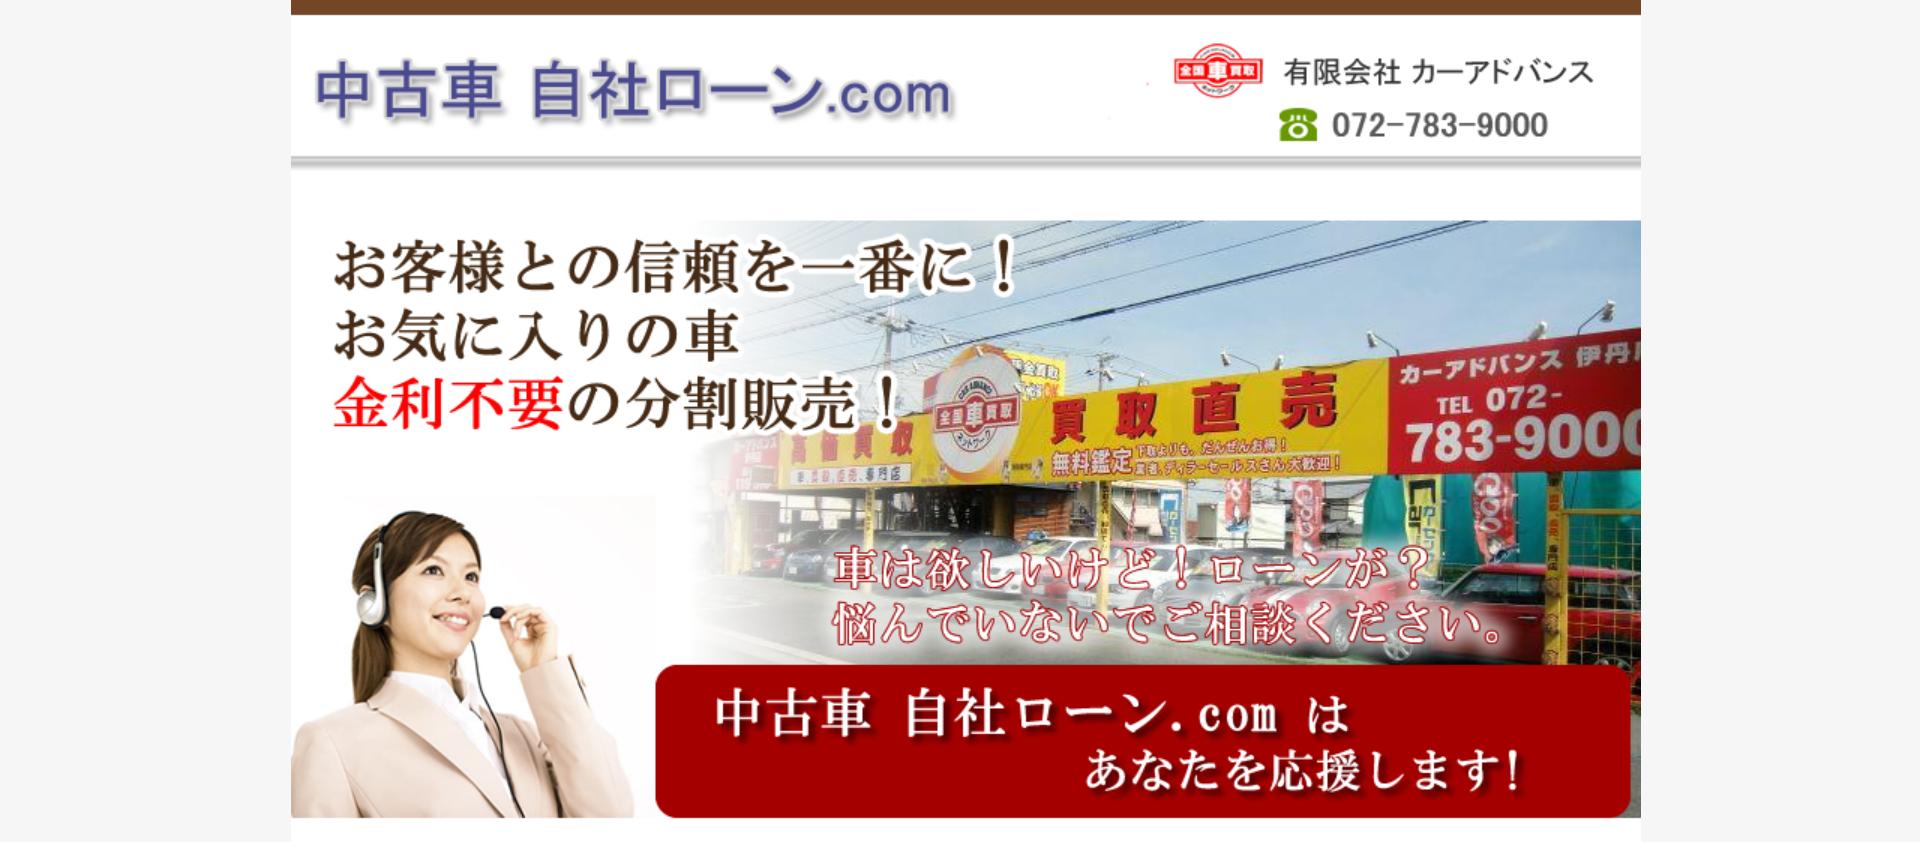 中古車 自社ローン.comサムネイル